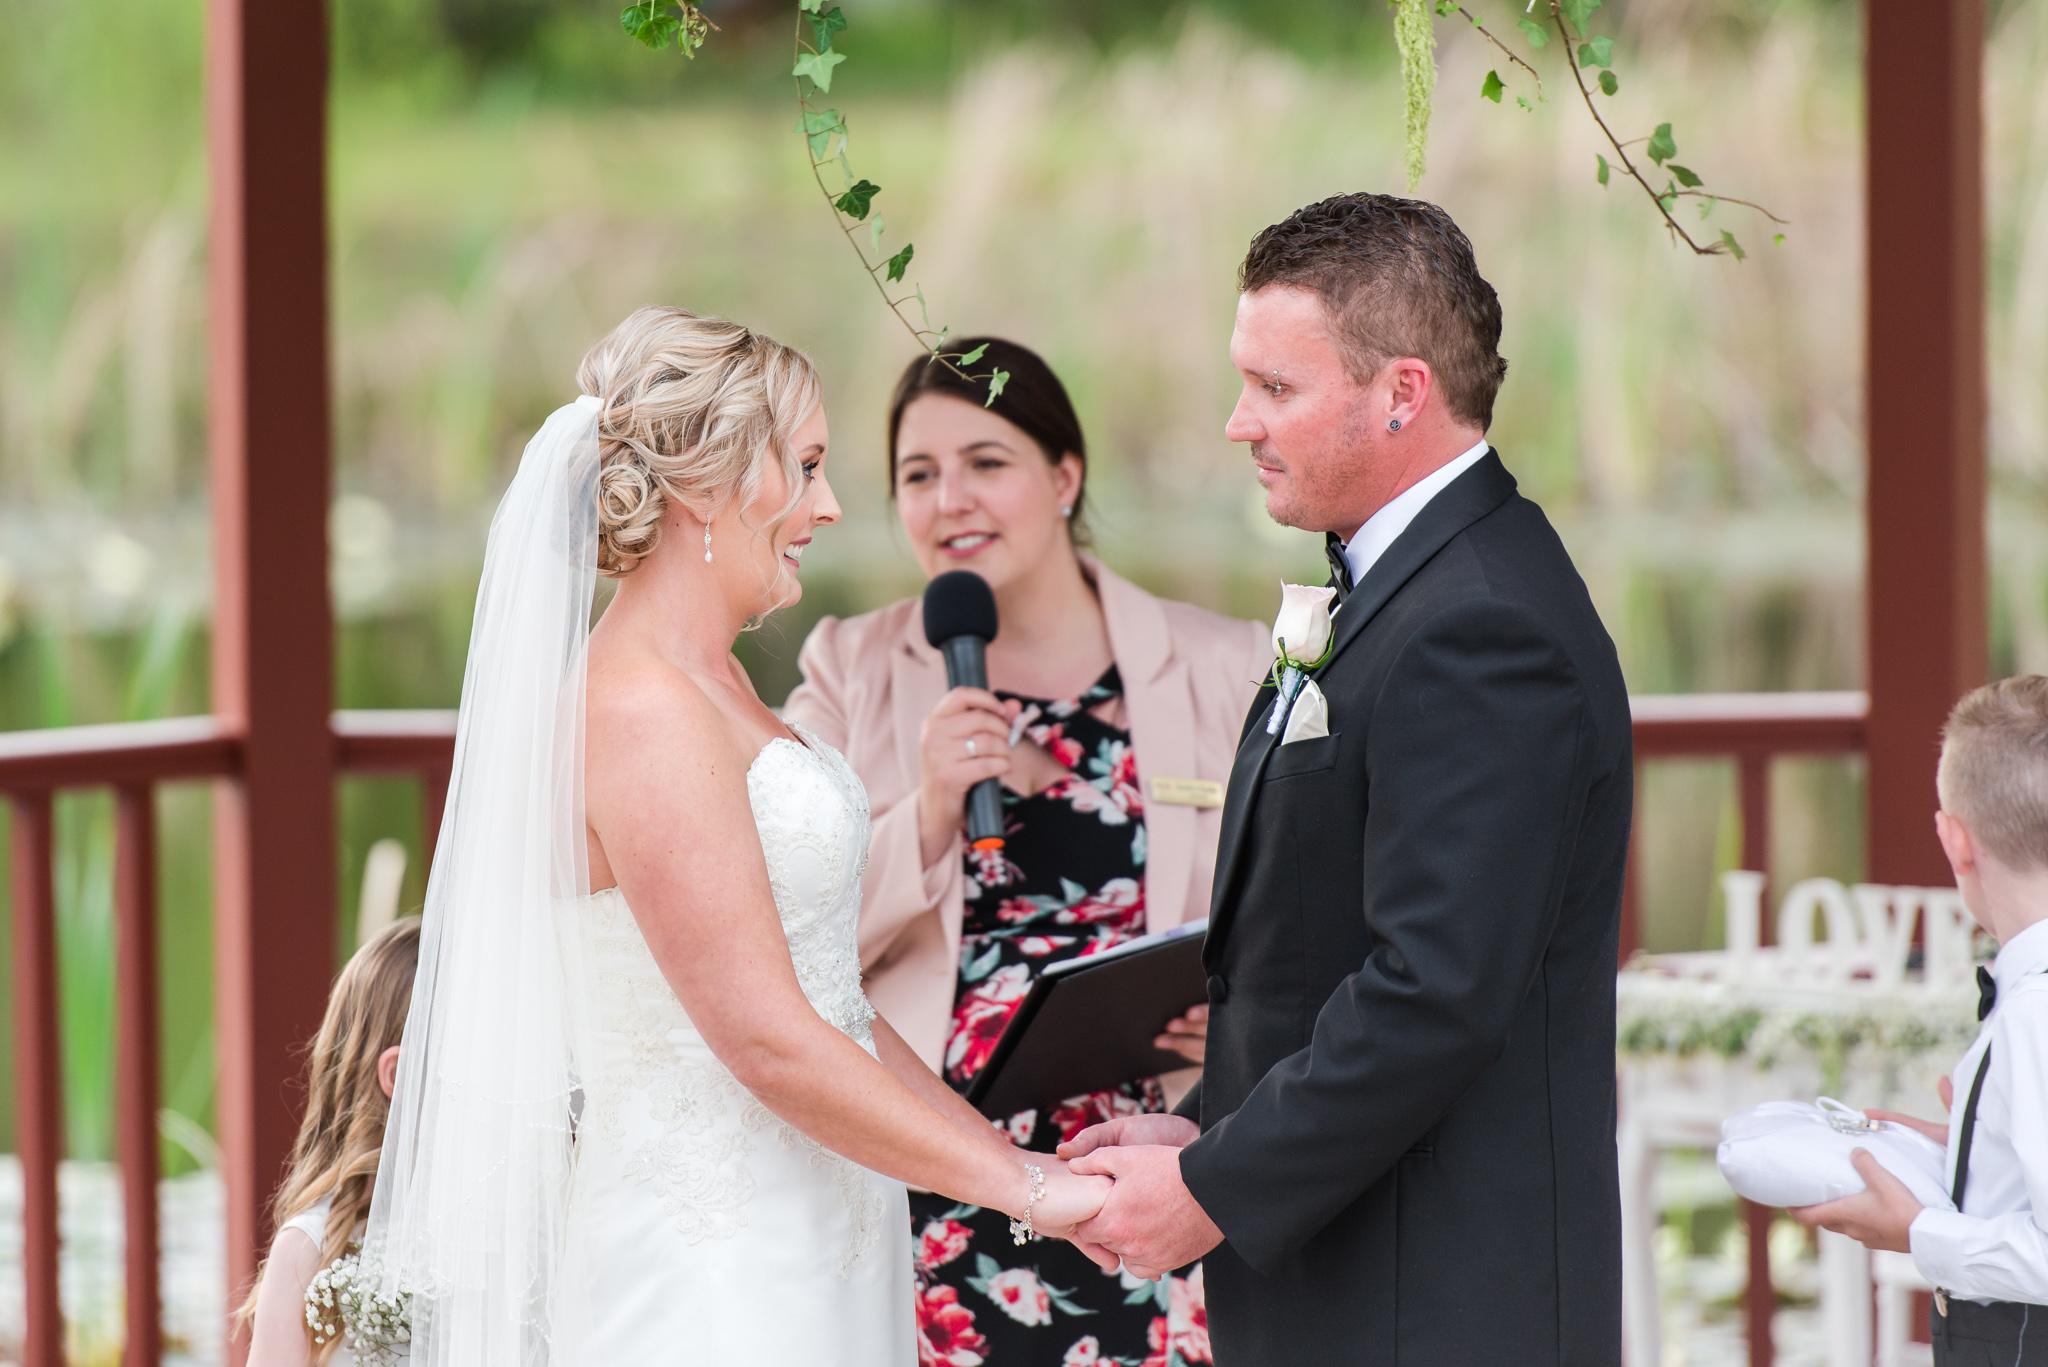 Peel Manor House Wedding Ceremony